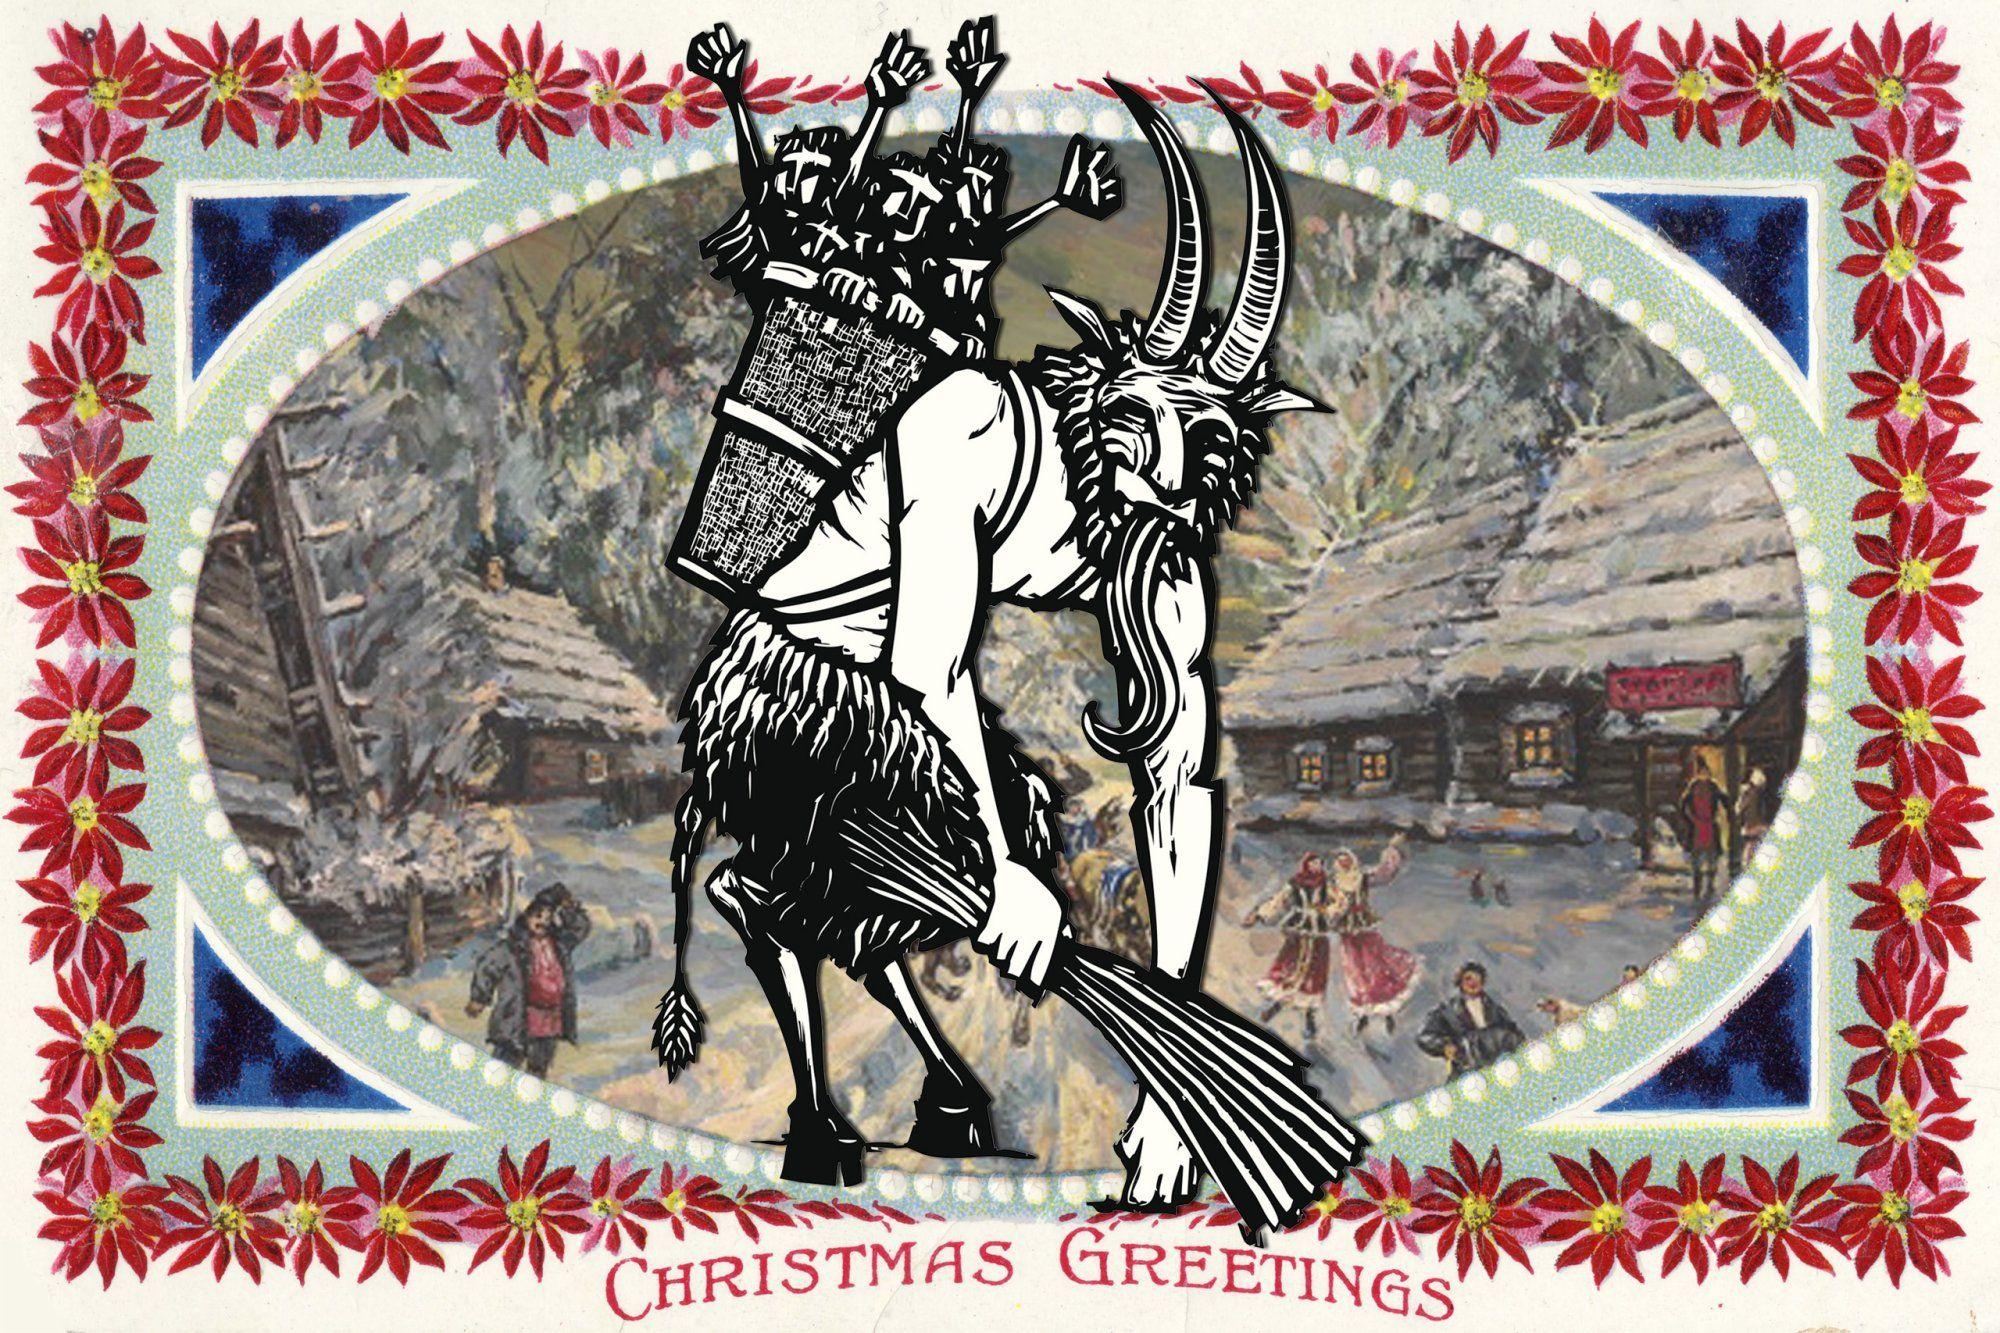 Ausmalbilder Nikolaus Krampus : Meet Krampus The Seriously Bad Santa